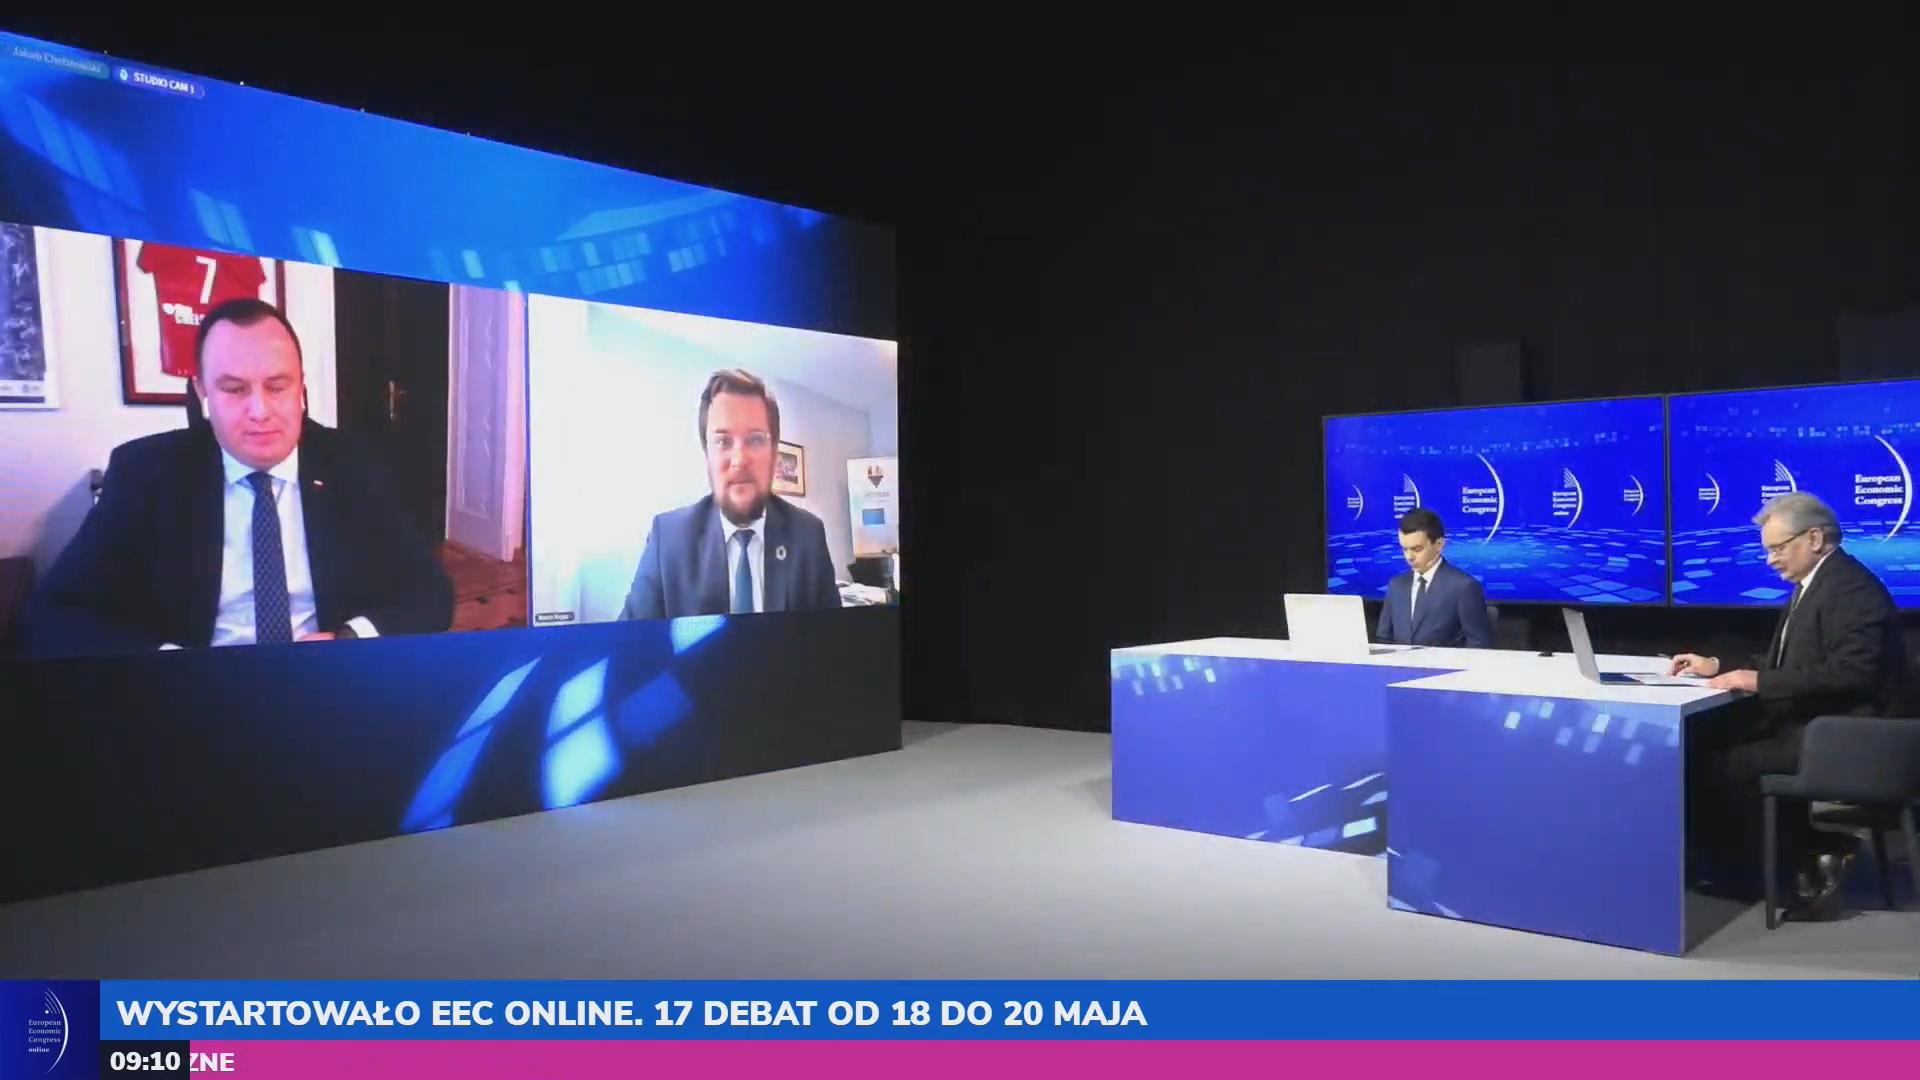 Otwarcia EEC Online dokonali (od lewej) marszałek województwa śląskiego Jakub Chełstowski oraz prezydent Katowic Marcin Krupa. Fot. PTWP